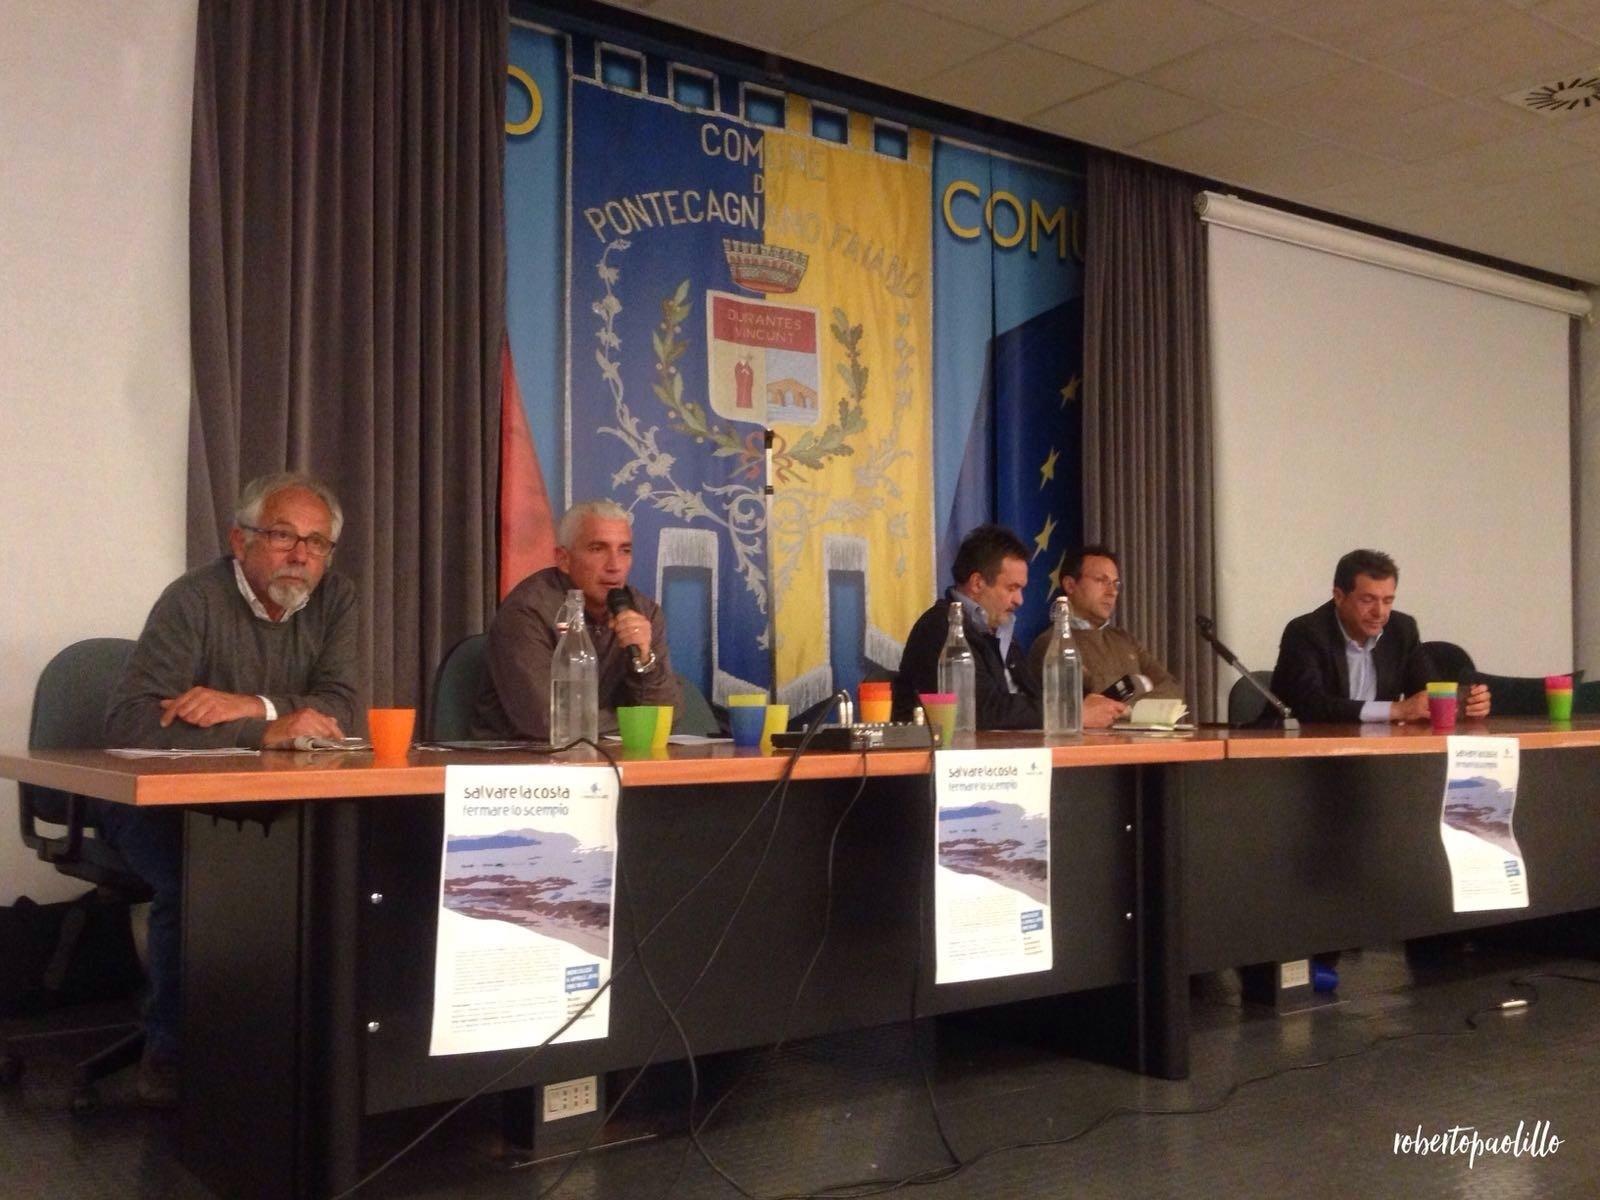 Salvare la Costa: i Comuni e Legambiente riuniti con il professor Franco Ortolani